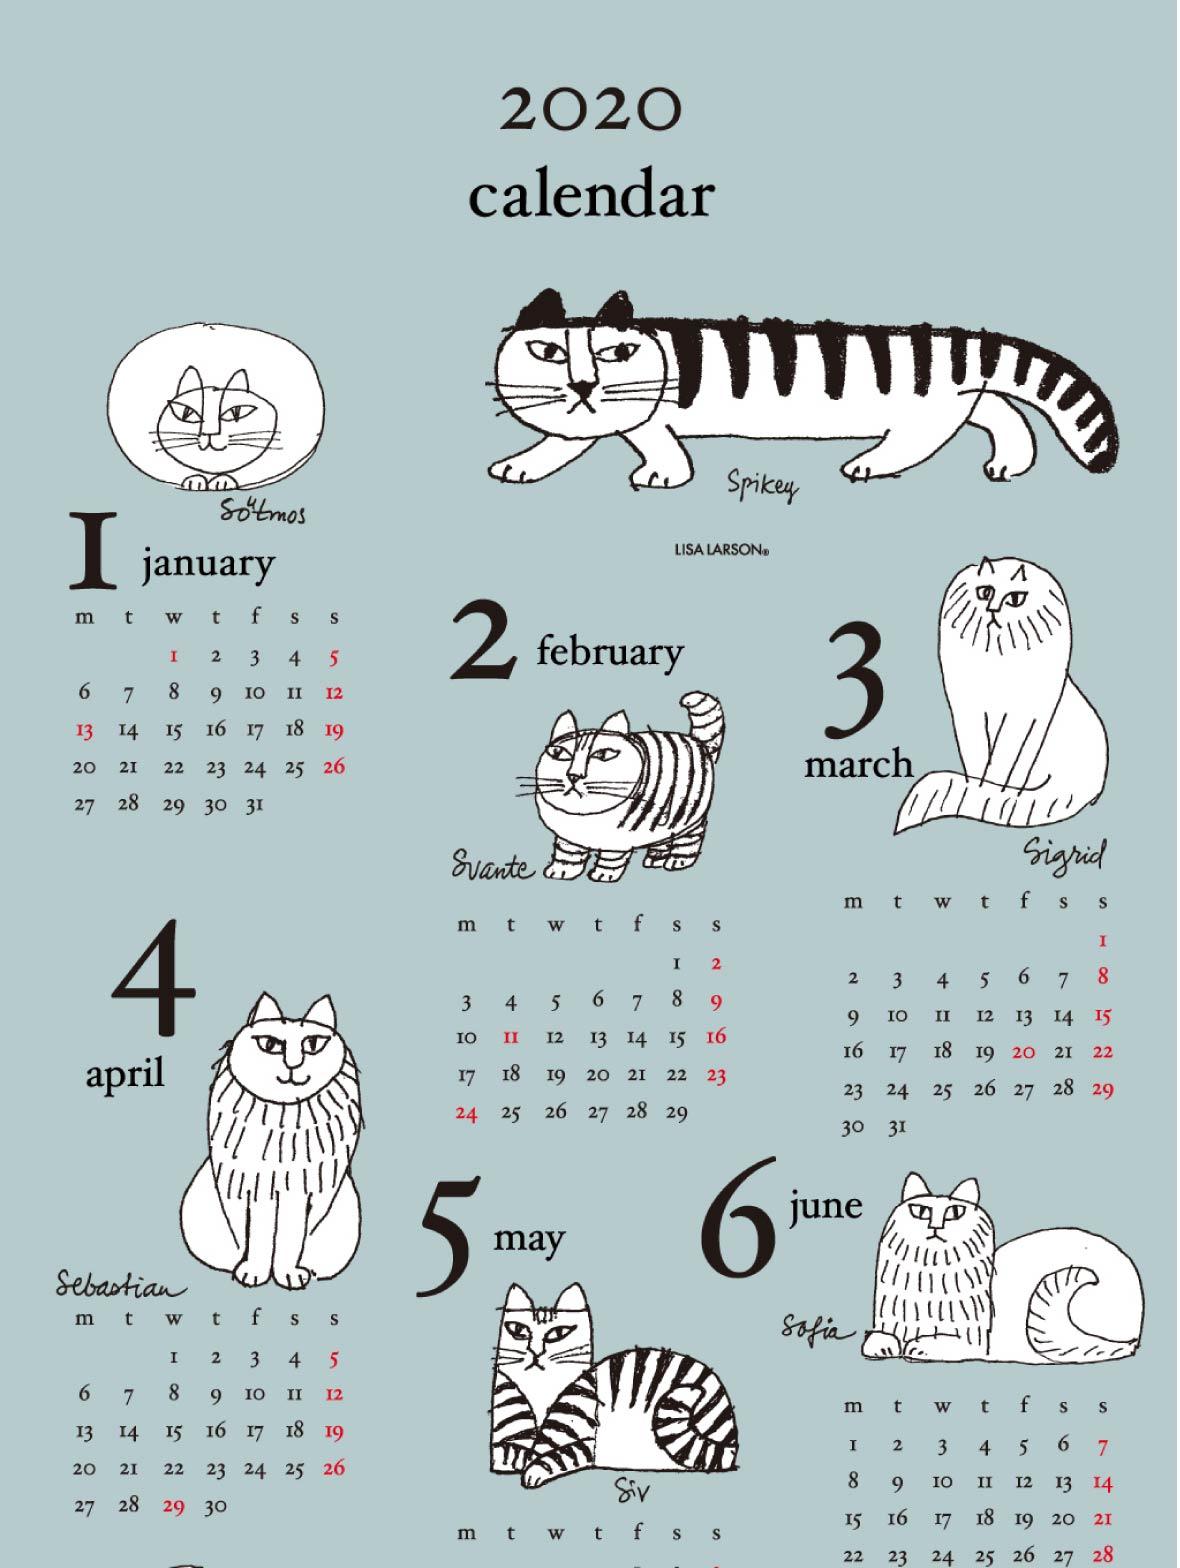 【TK】てぬぐいカレンダー2020(スケッチねこたち)